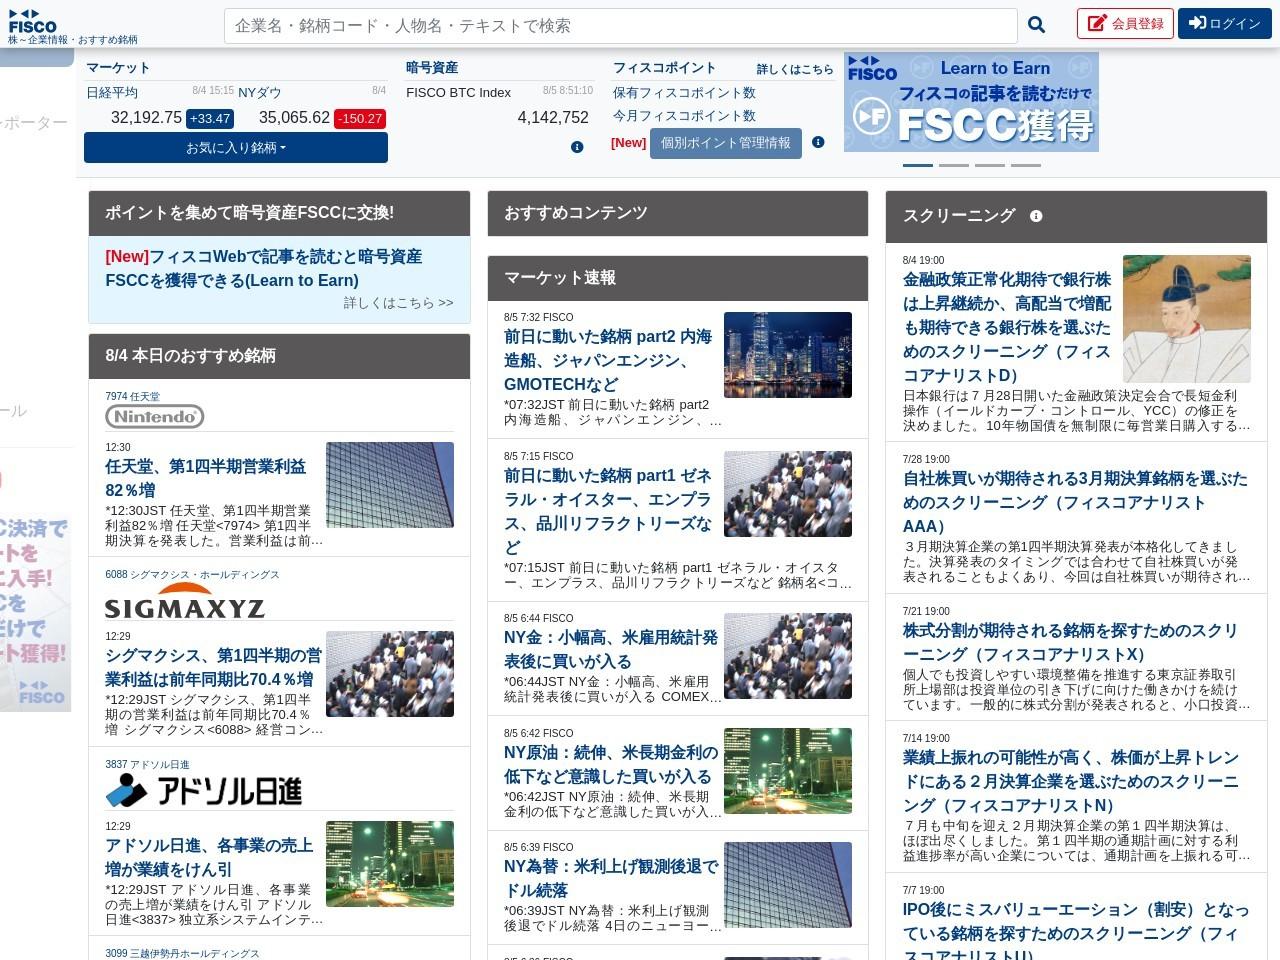 出来高変化率ランキング(10時台)~スギHD、日本通信などがランクイン